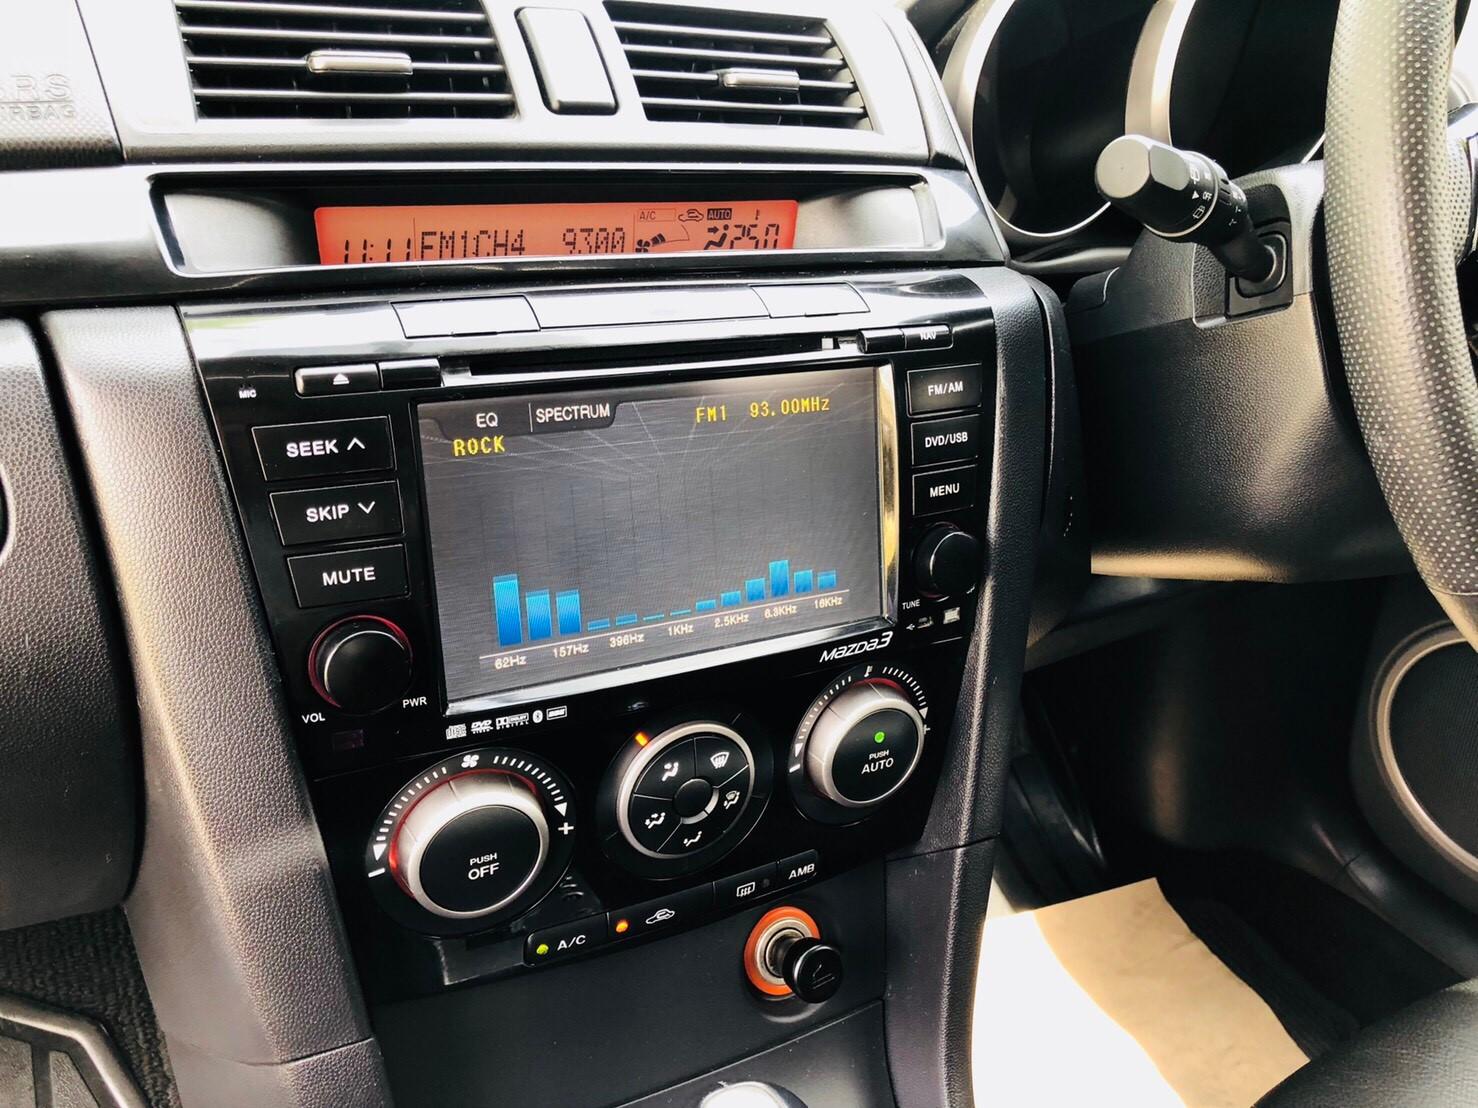 ภาพเครื่องเสียง มาสด้า 3 S MOVE 2.0 TOP ปี 2011